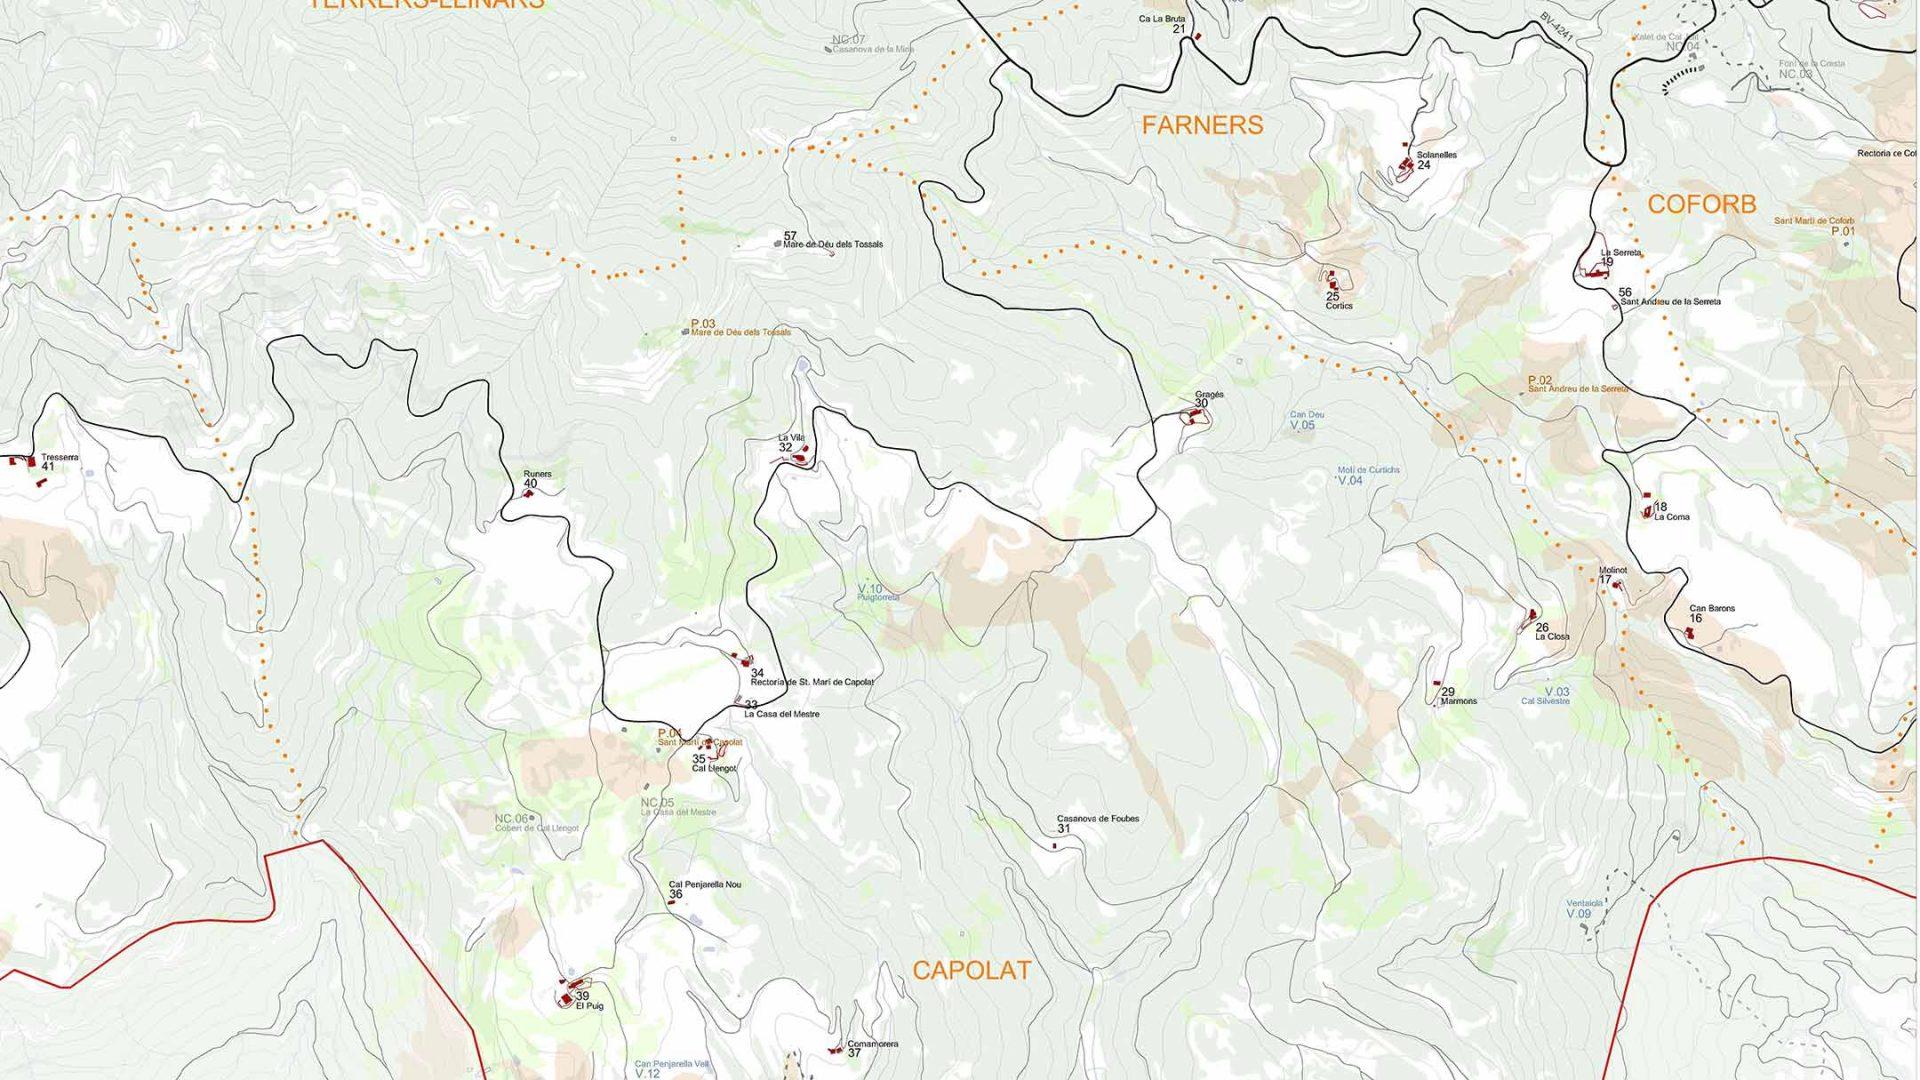 Localització de les edificacions a l'àmbit de Capolat